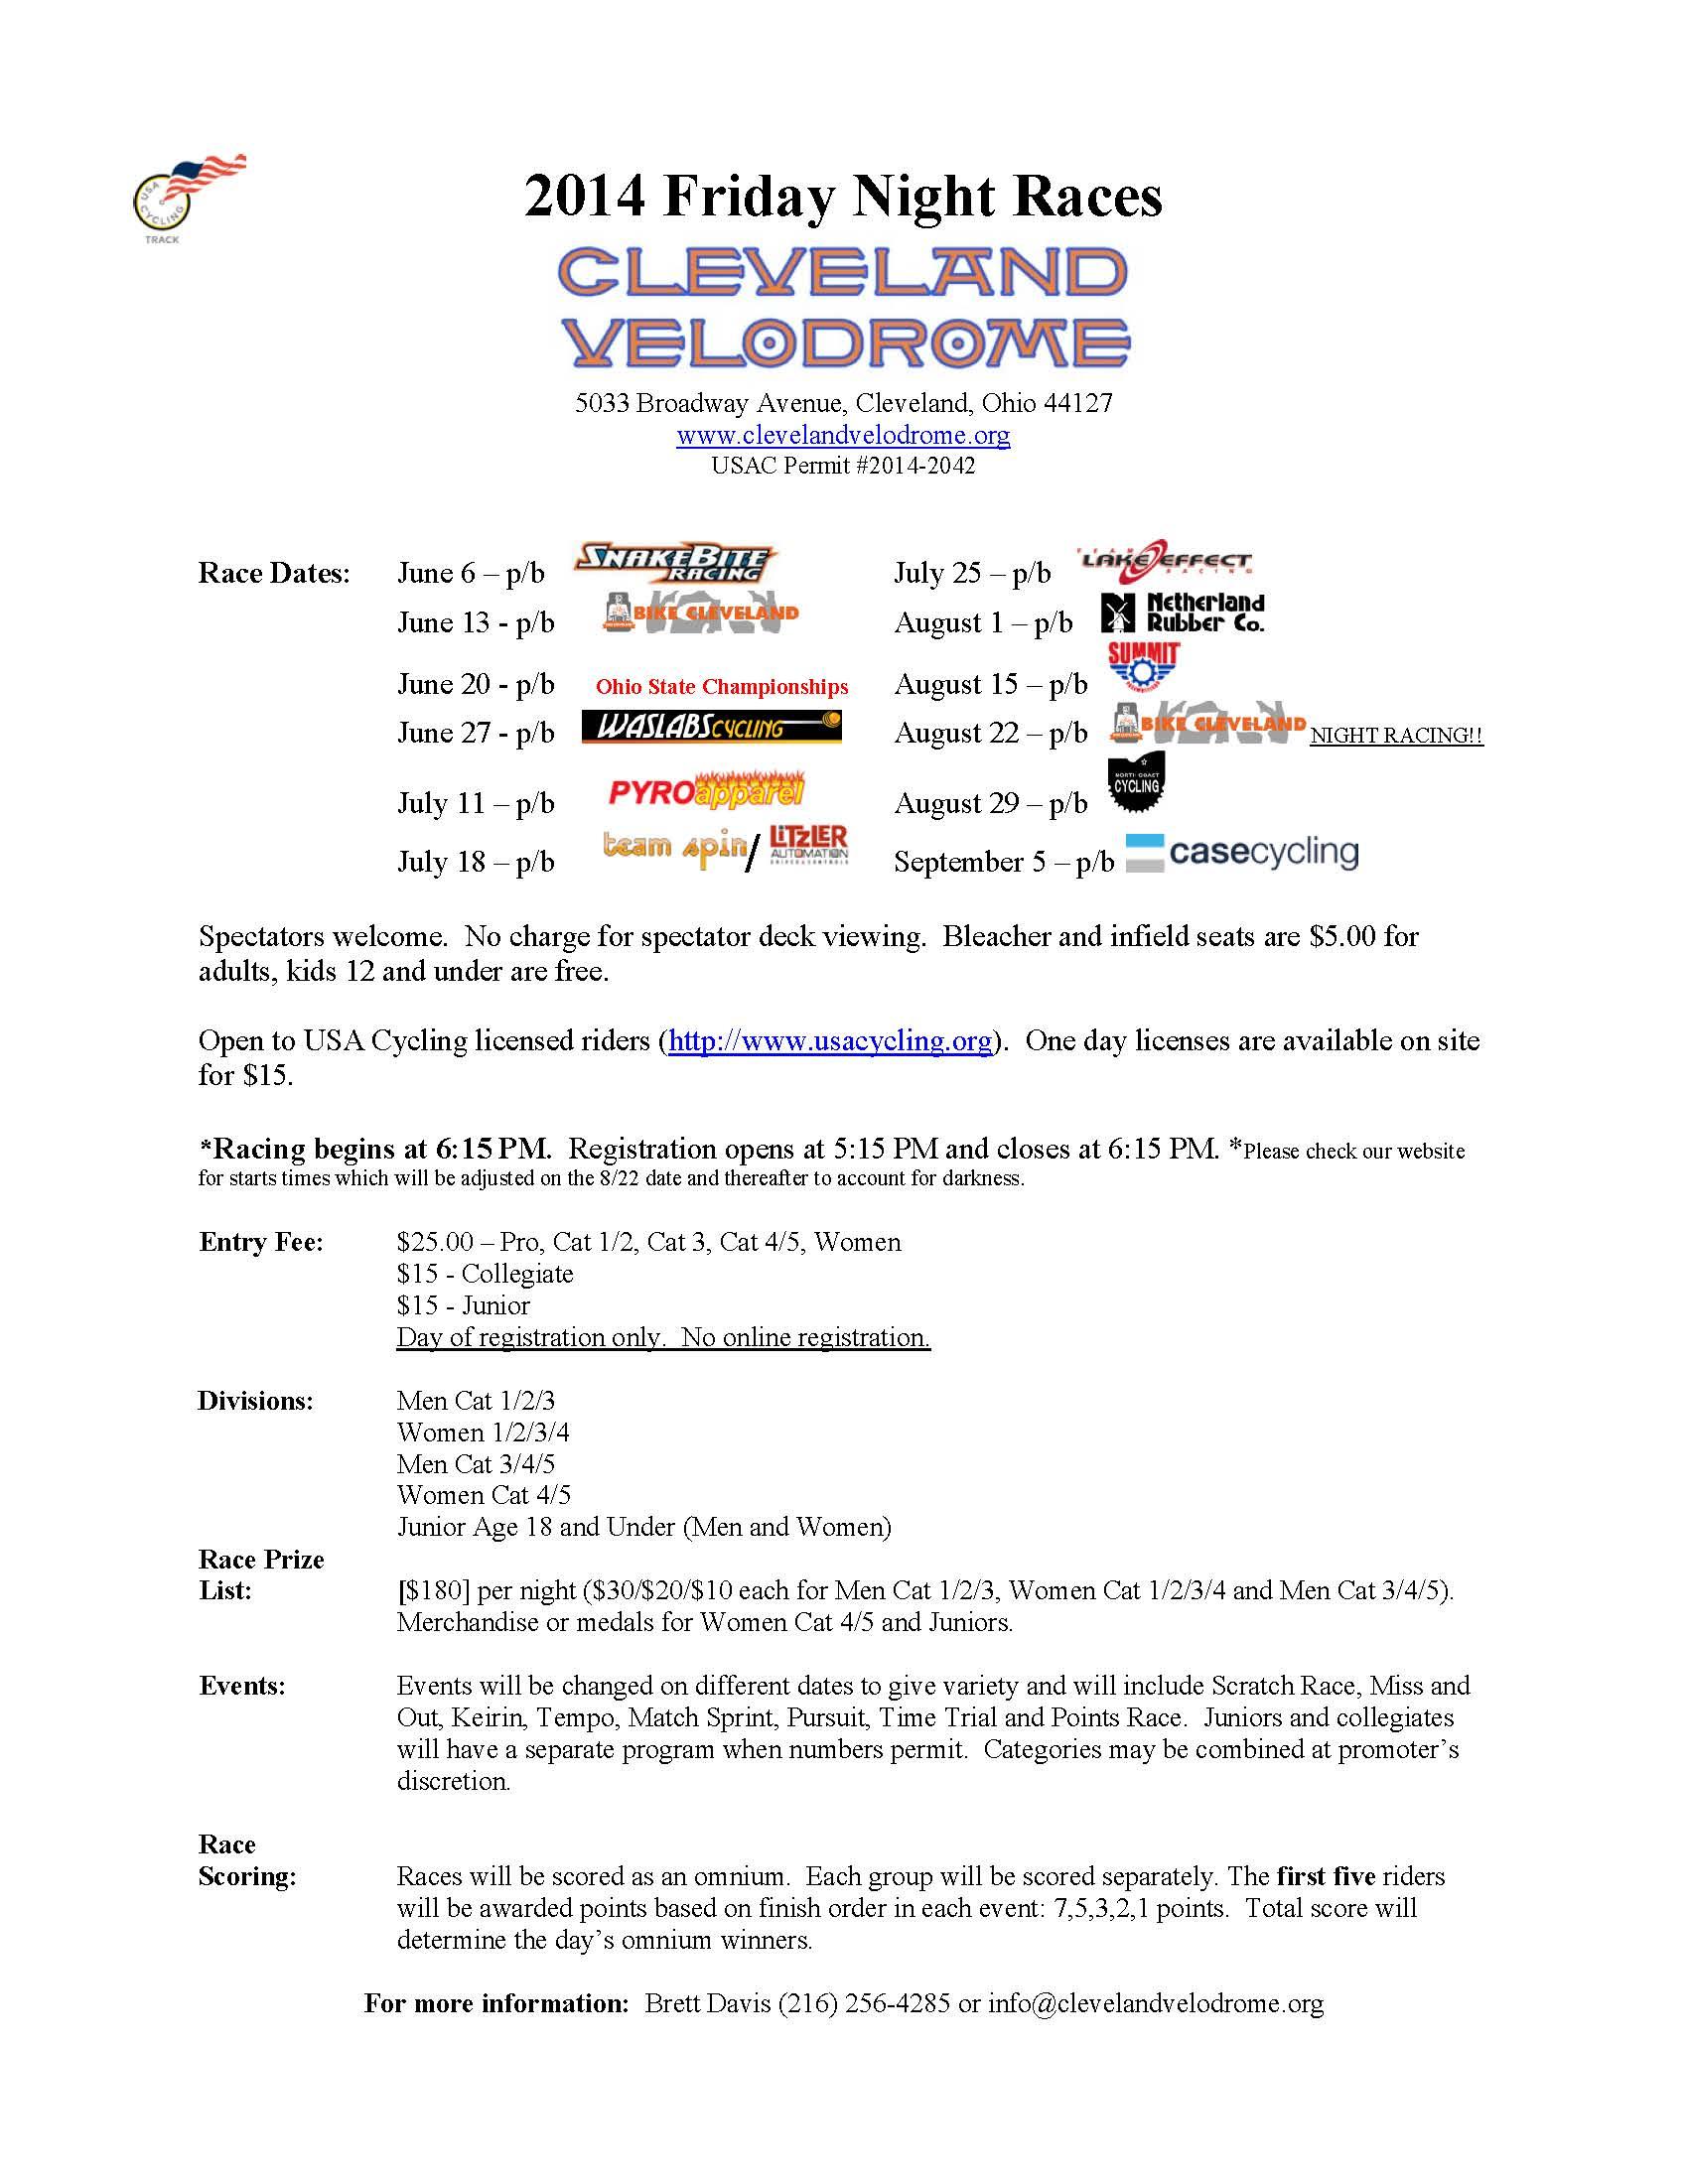 2014 Cleveland Velodrome Friday Night Races